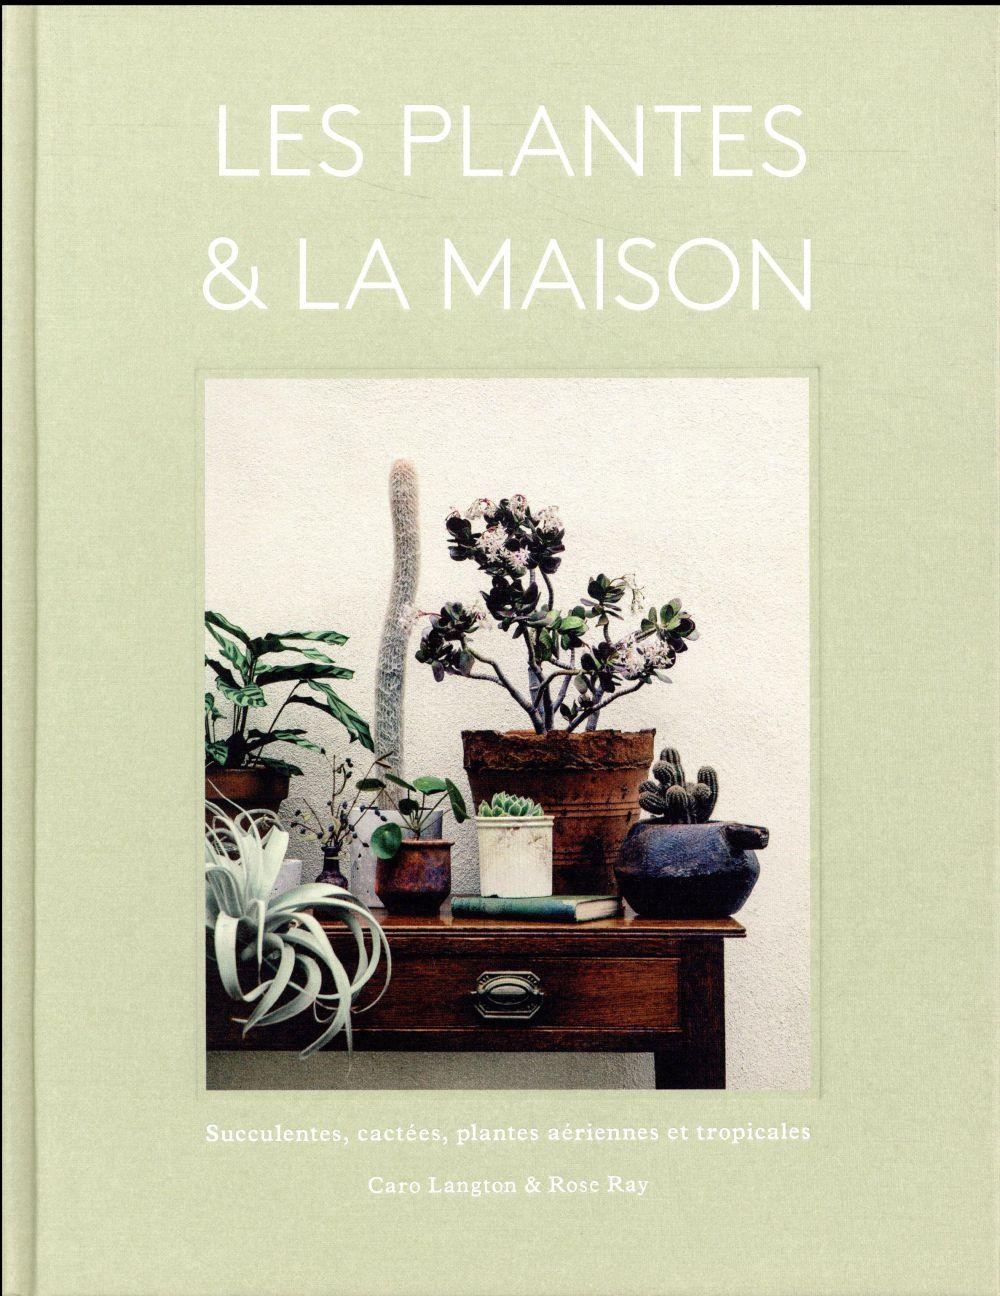 Les plantes & la maison ; succulentes, cactées, plantes aériennes et tropicales